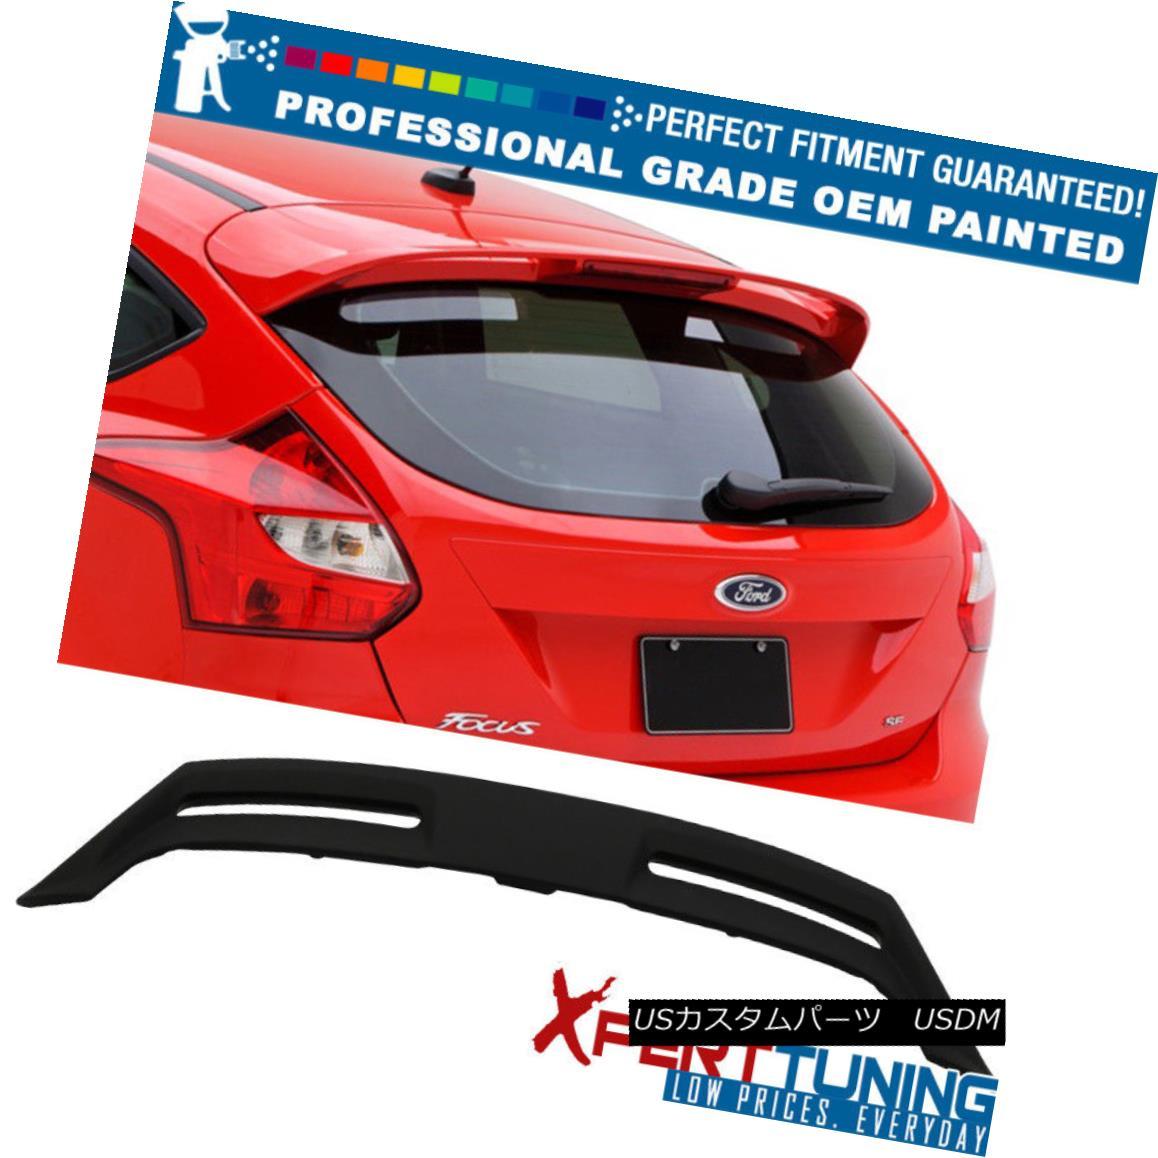 エアロパーツ Fits 12-18 Ford Focus ST OE Factory Style Roof Spoiler - OEM Painted Color フィット12-18フォードフォーカスST OE工場の屋根のスポイラー - OEM塗装色